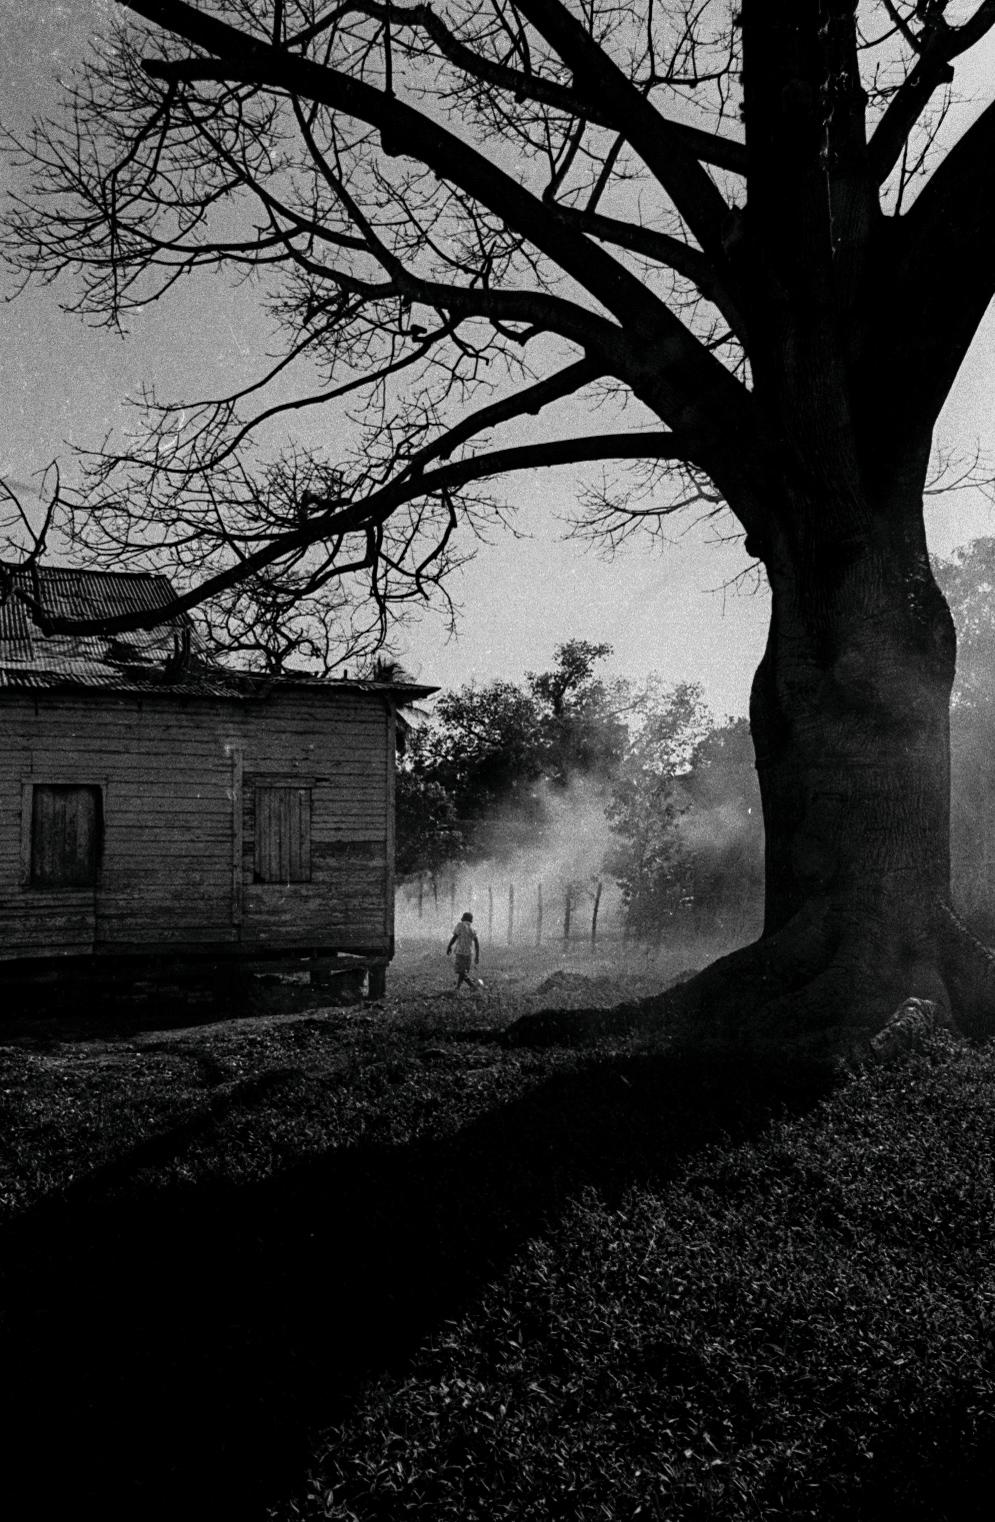 Este sitio siempre me pareció Nueva Orleans. Con casa de pilotes y comunidad de niños que se pierden en el humo. Las casas, como en Nueva Orleans, están cerca de la costa y, a veces, se hunden. (Foto: Alejandro Ramírez Anderson)